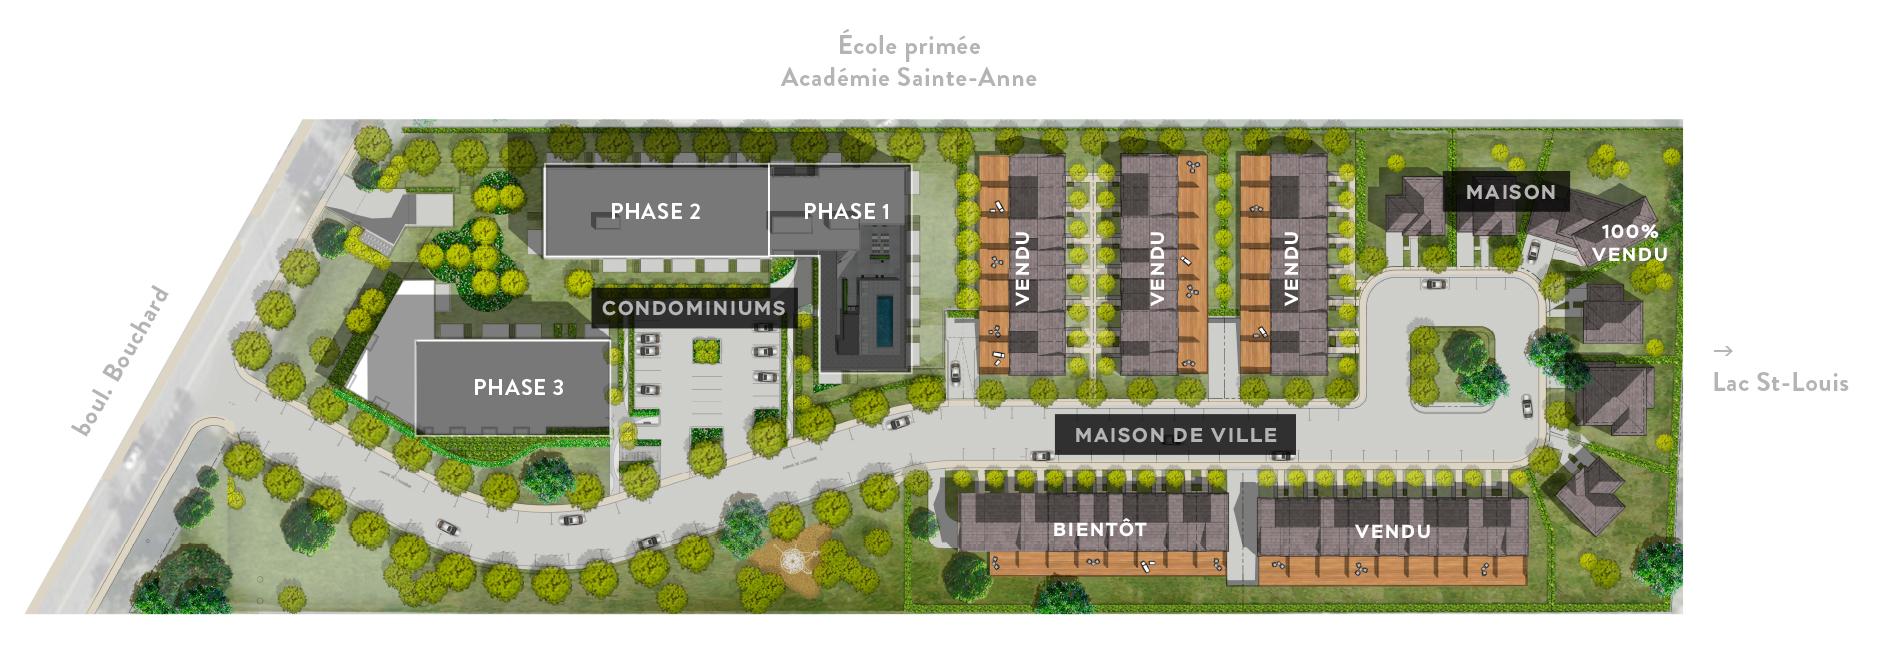 Étape 1 – Francais – Phase2